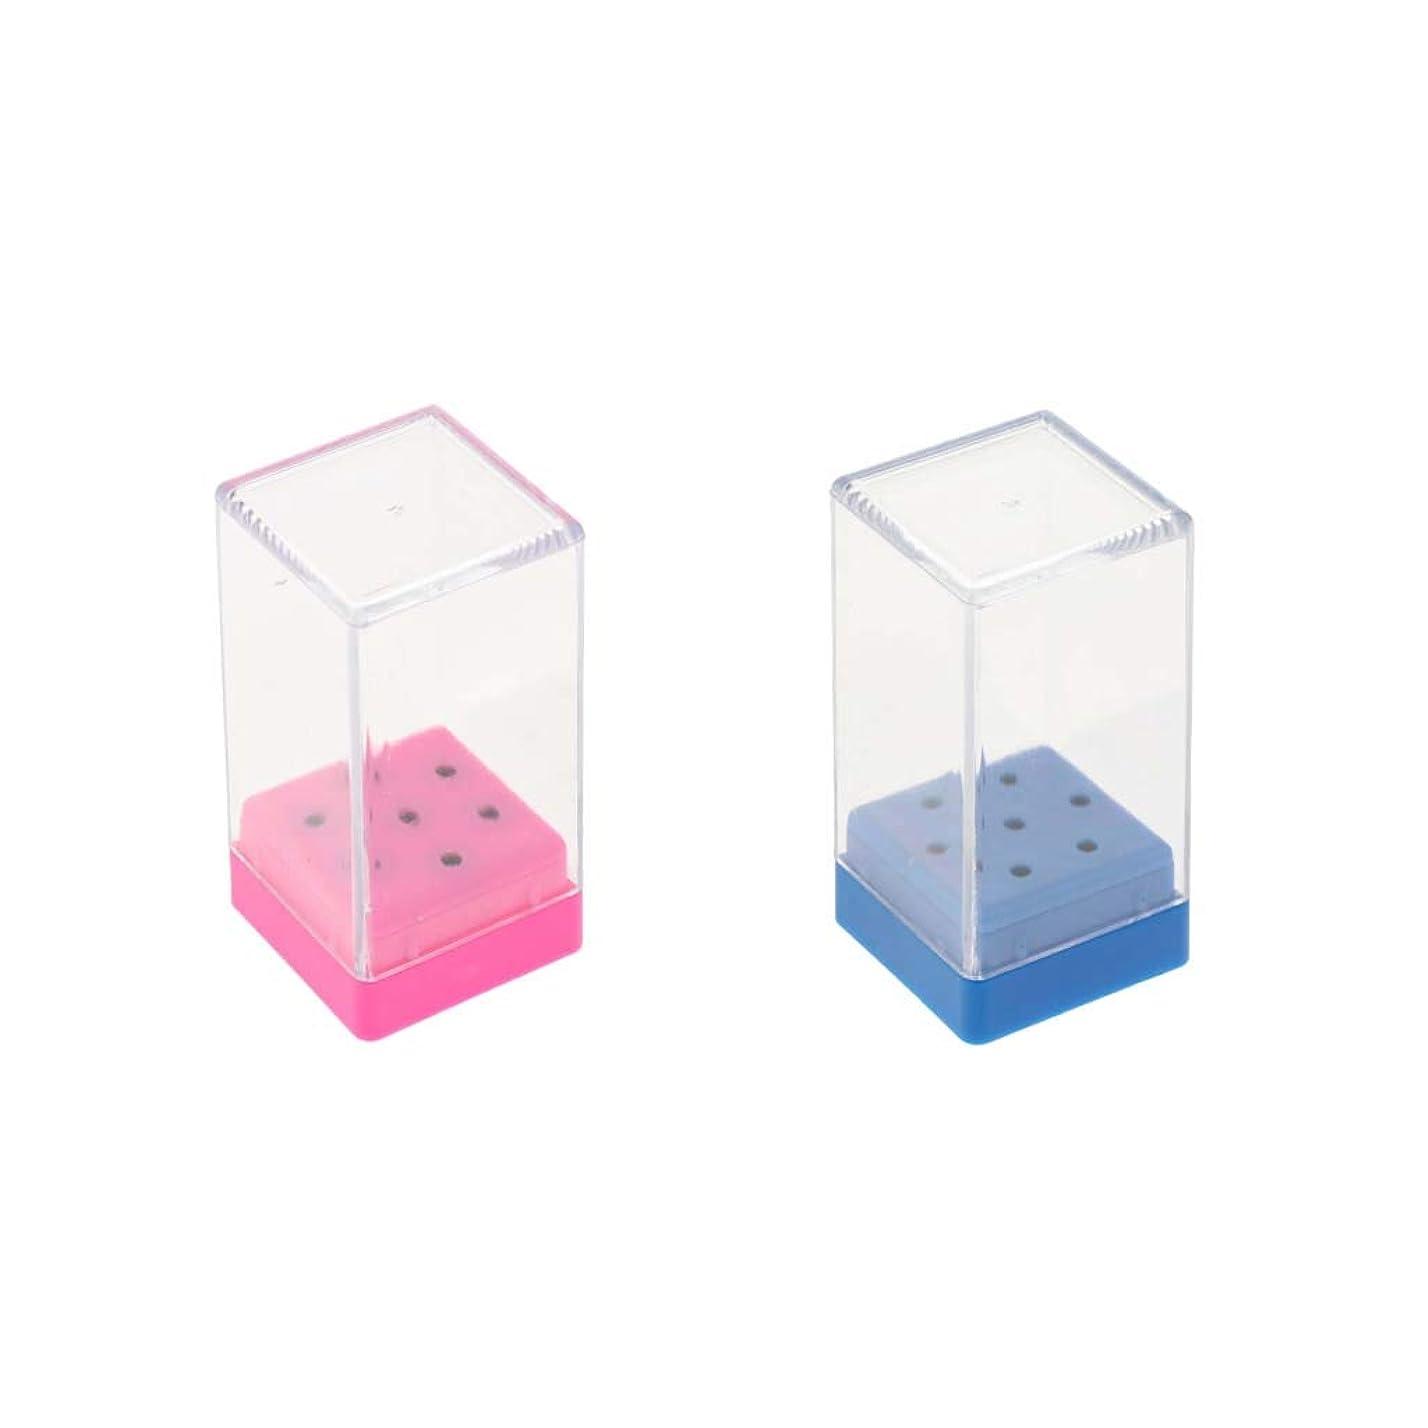 限りほとんどの場合書店Hellery ミニサイズ ネイルドリルビットホルダー 透明 プラスチックカバー付き 2ピース